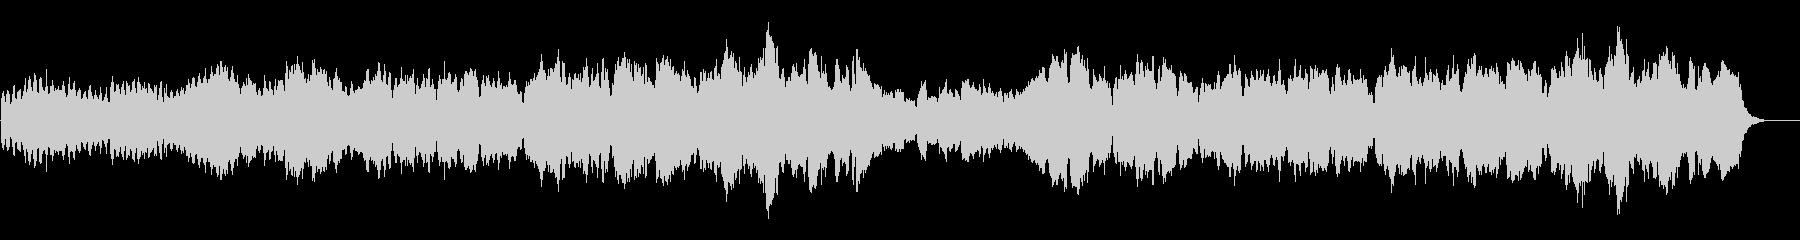 「アヴェ・マリア」TP&Organの未再生の波形